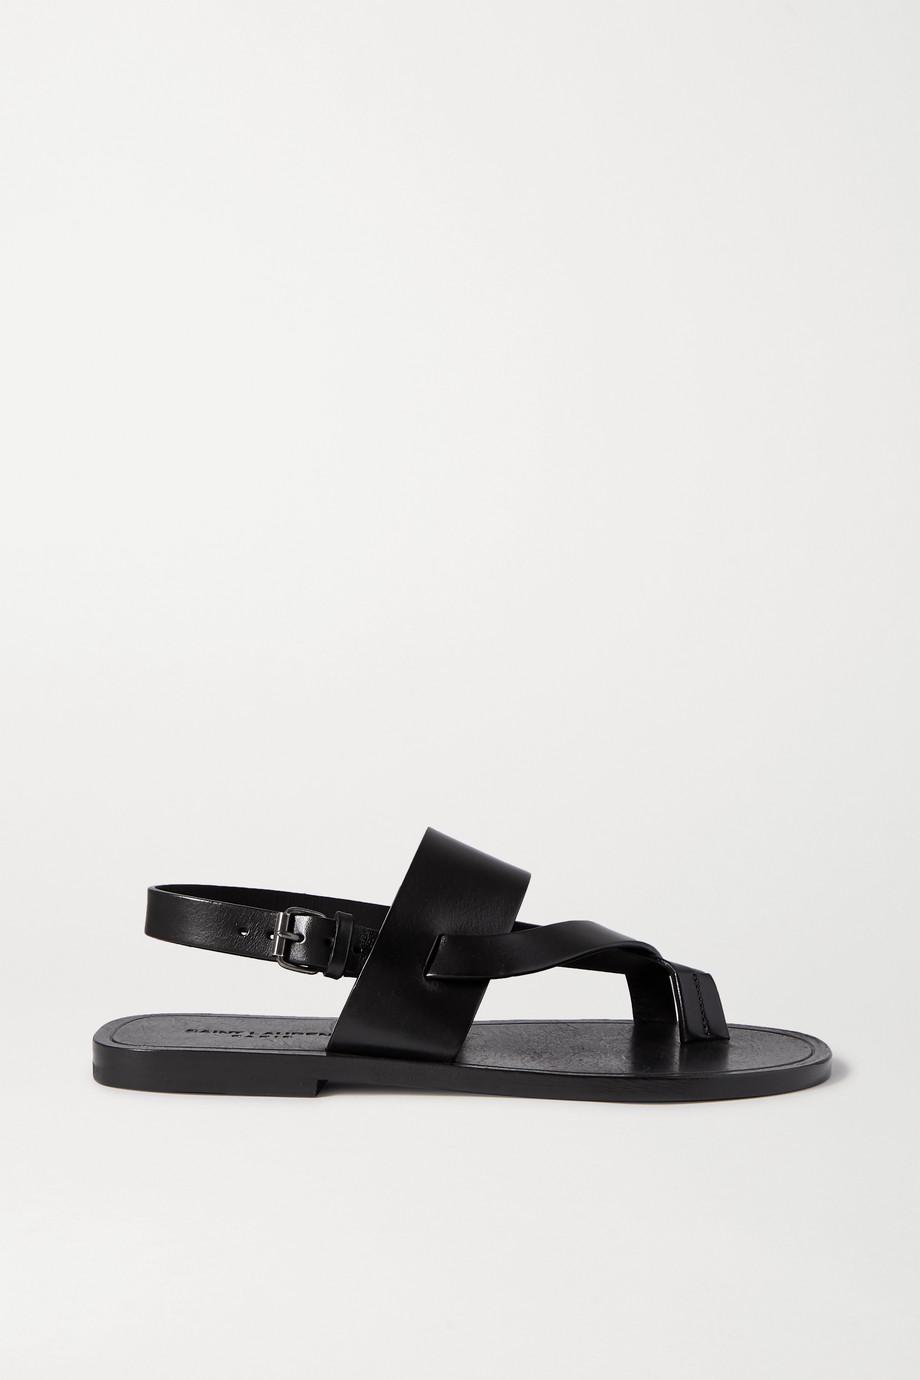 SAINT LAURENT Culver Nu Pieds leather sandals